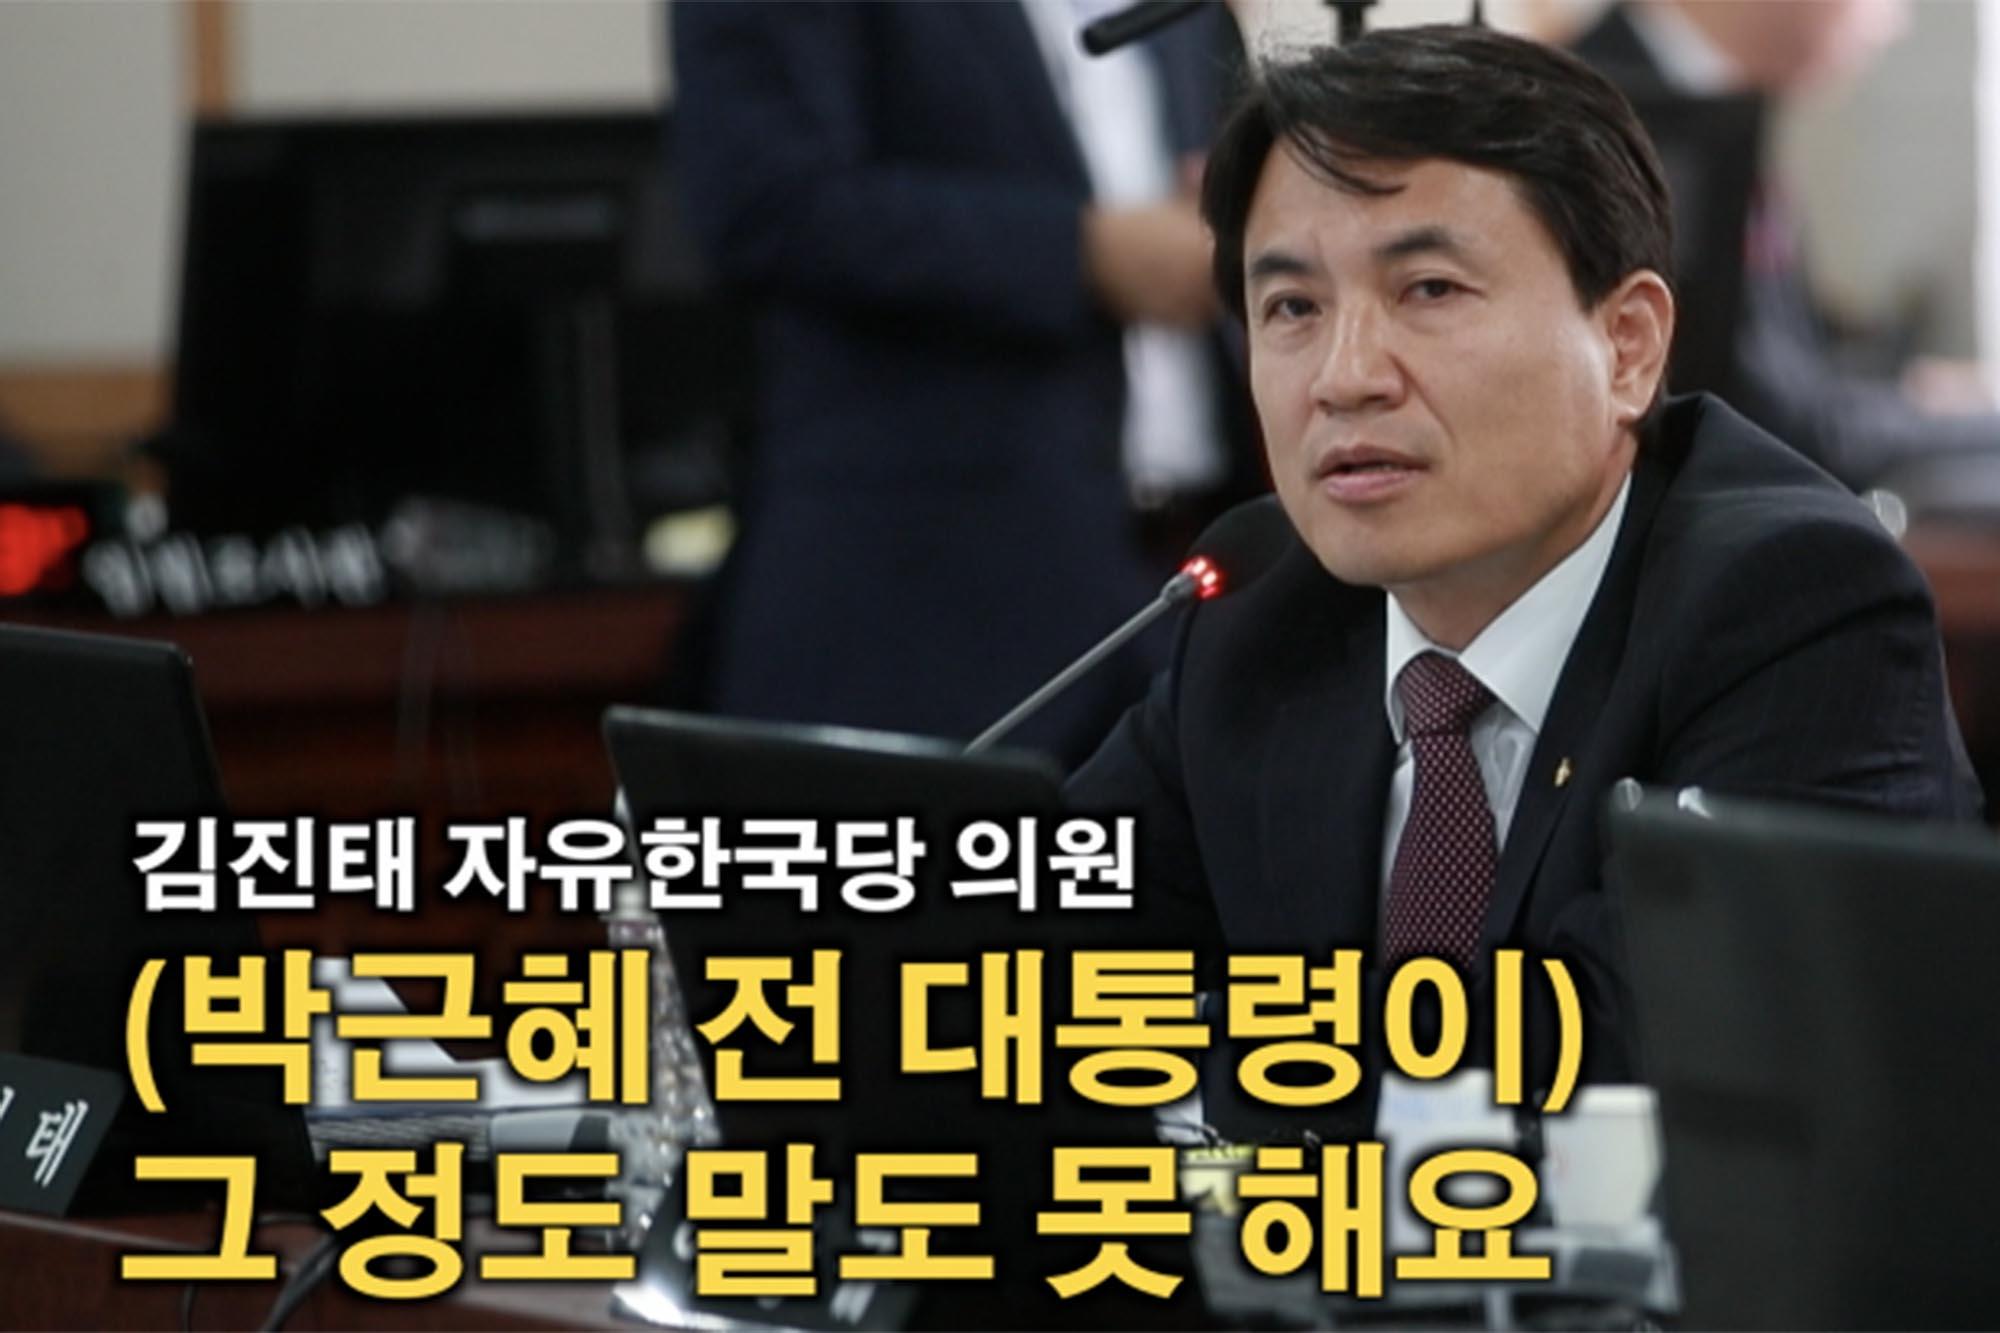 """박근혜 말폭탄 터진 국감장... 김진태 """"그 정도 말도 못하나"""""""